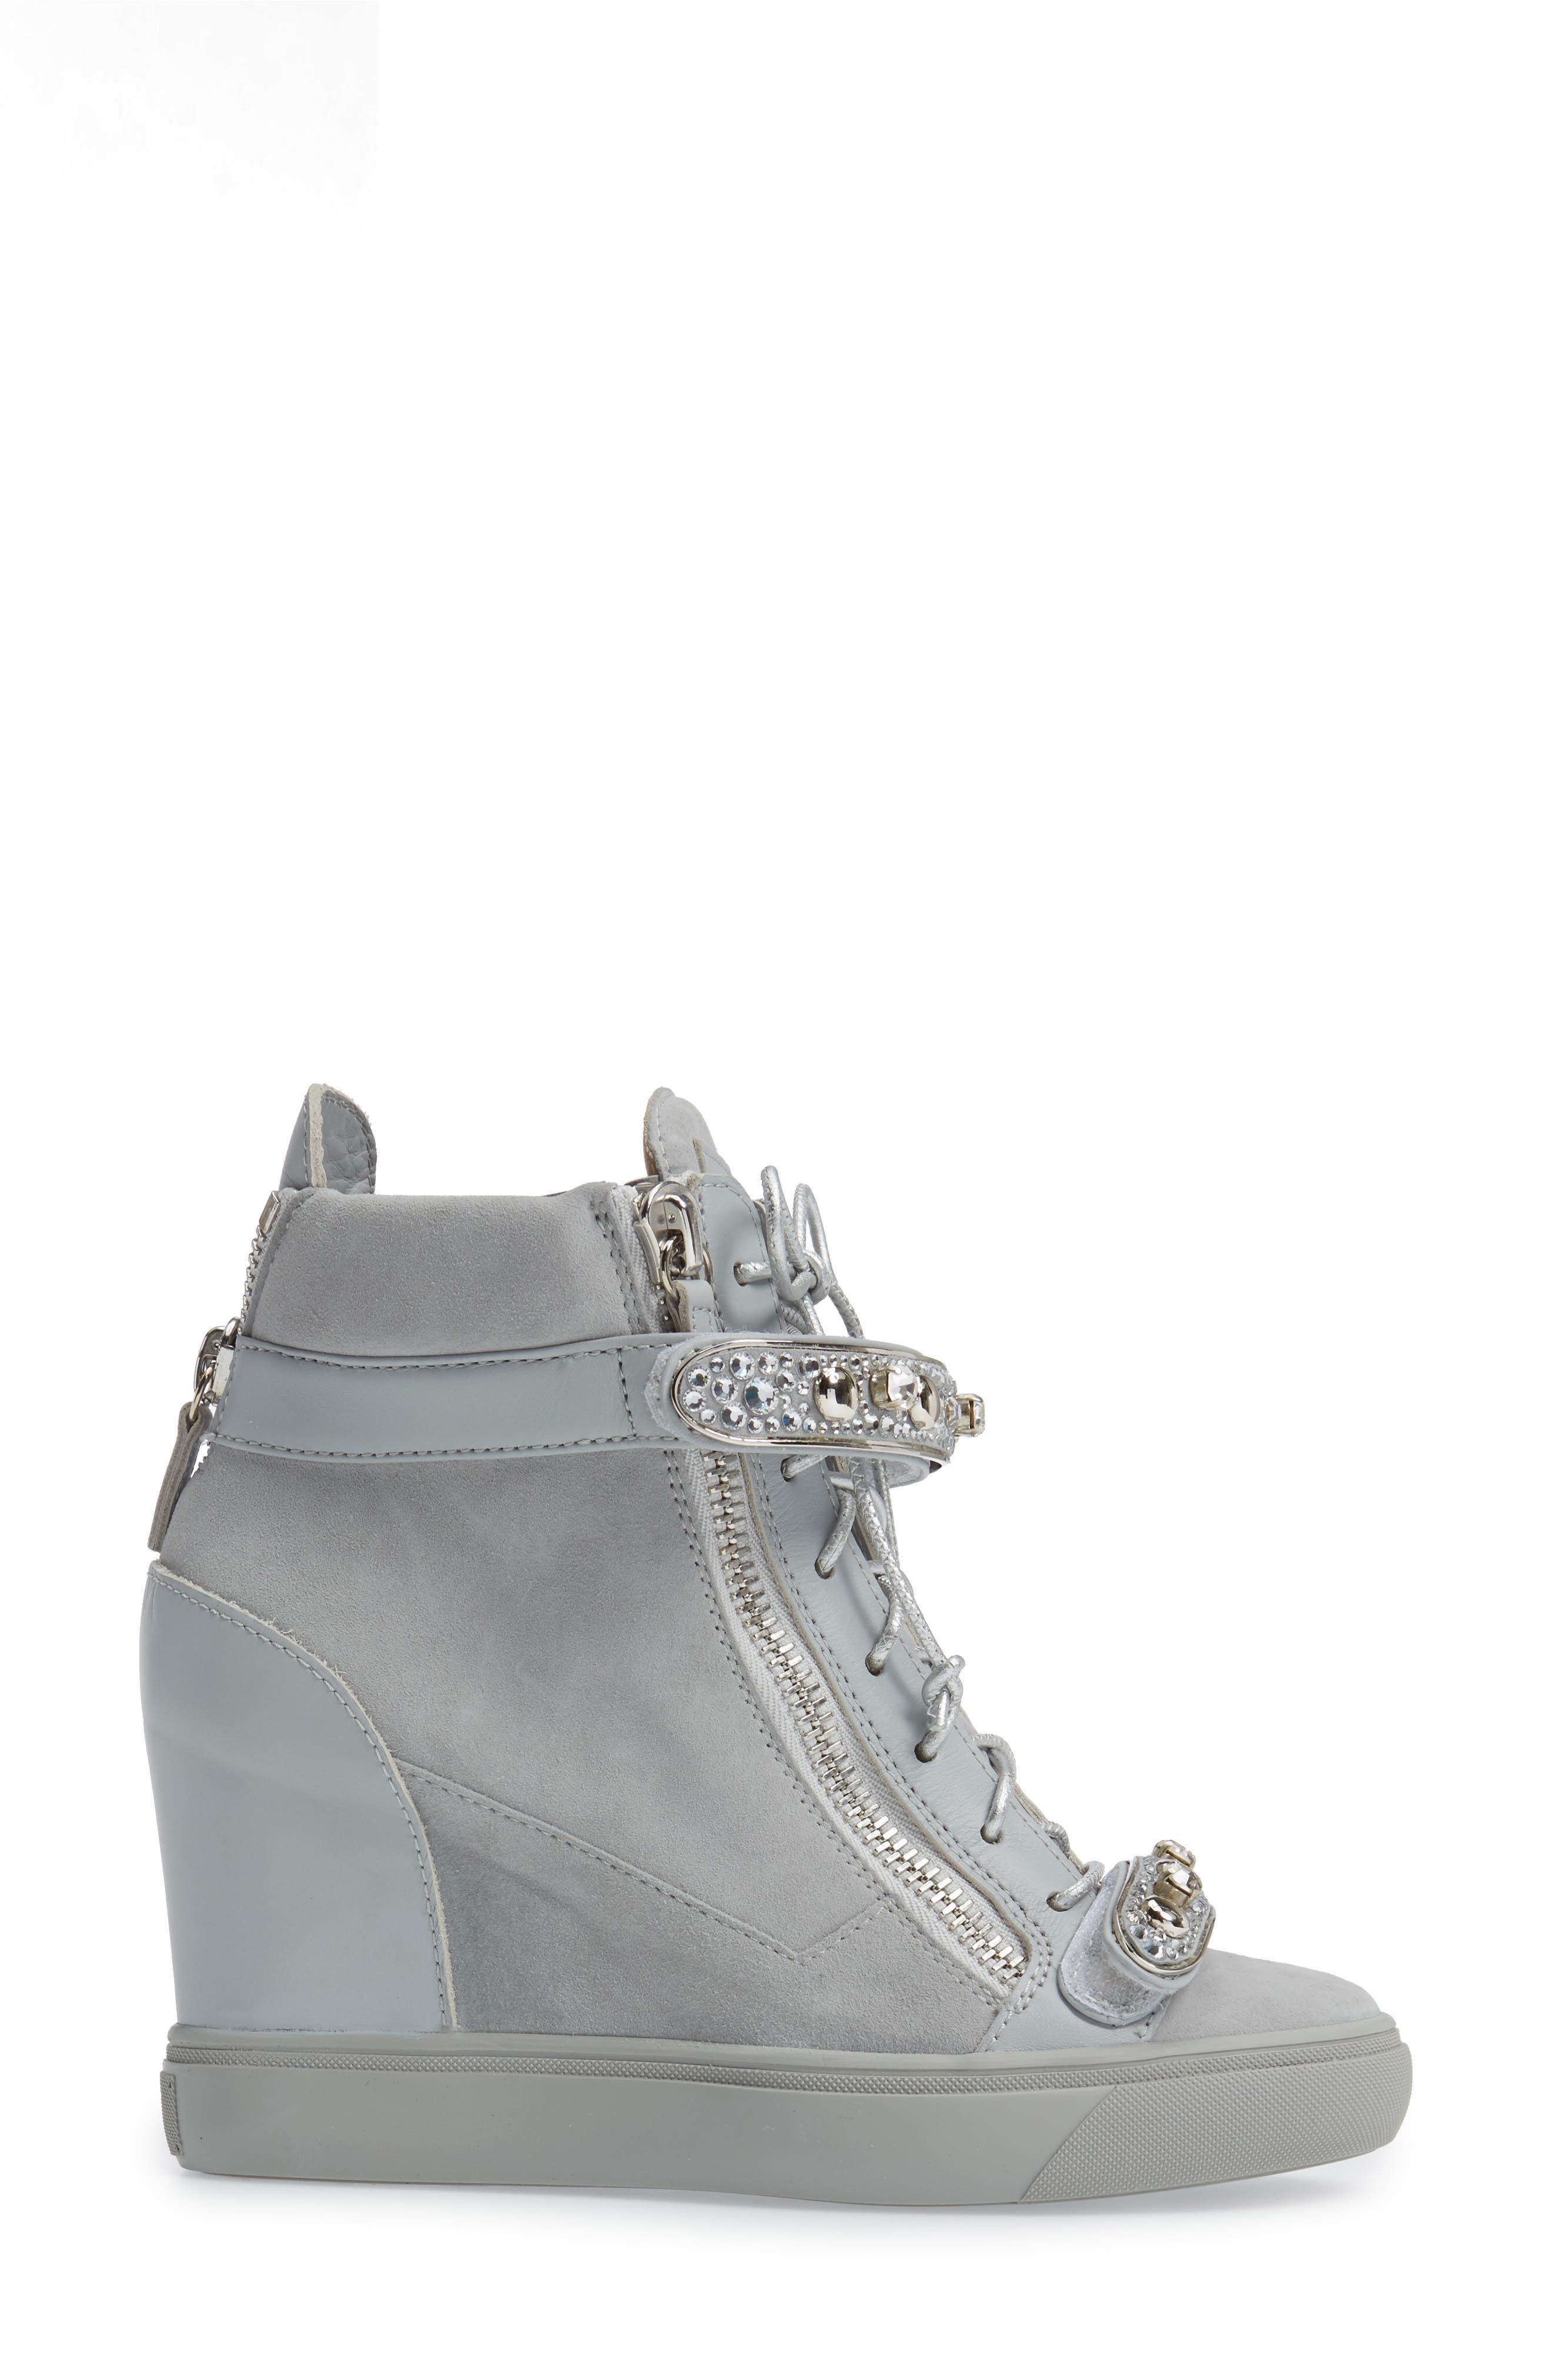 Giuseppe for Jennifer Lopez Tiana Hidden Wedge Sneaker,                             Alternate thumbnail 5, color,